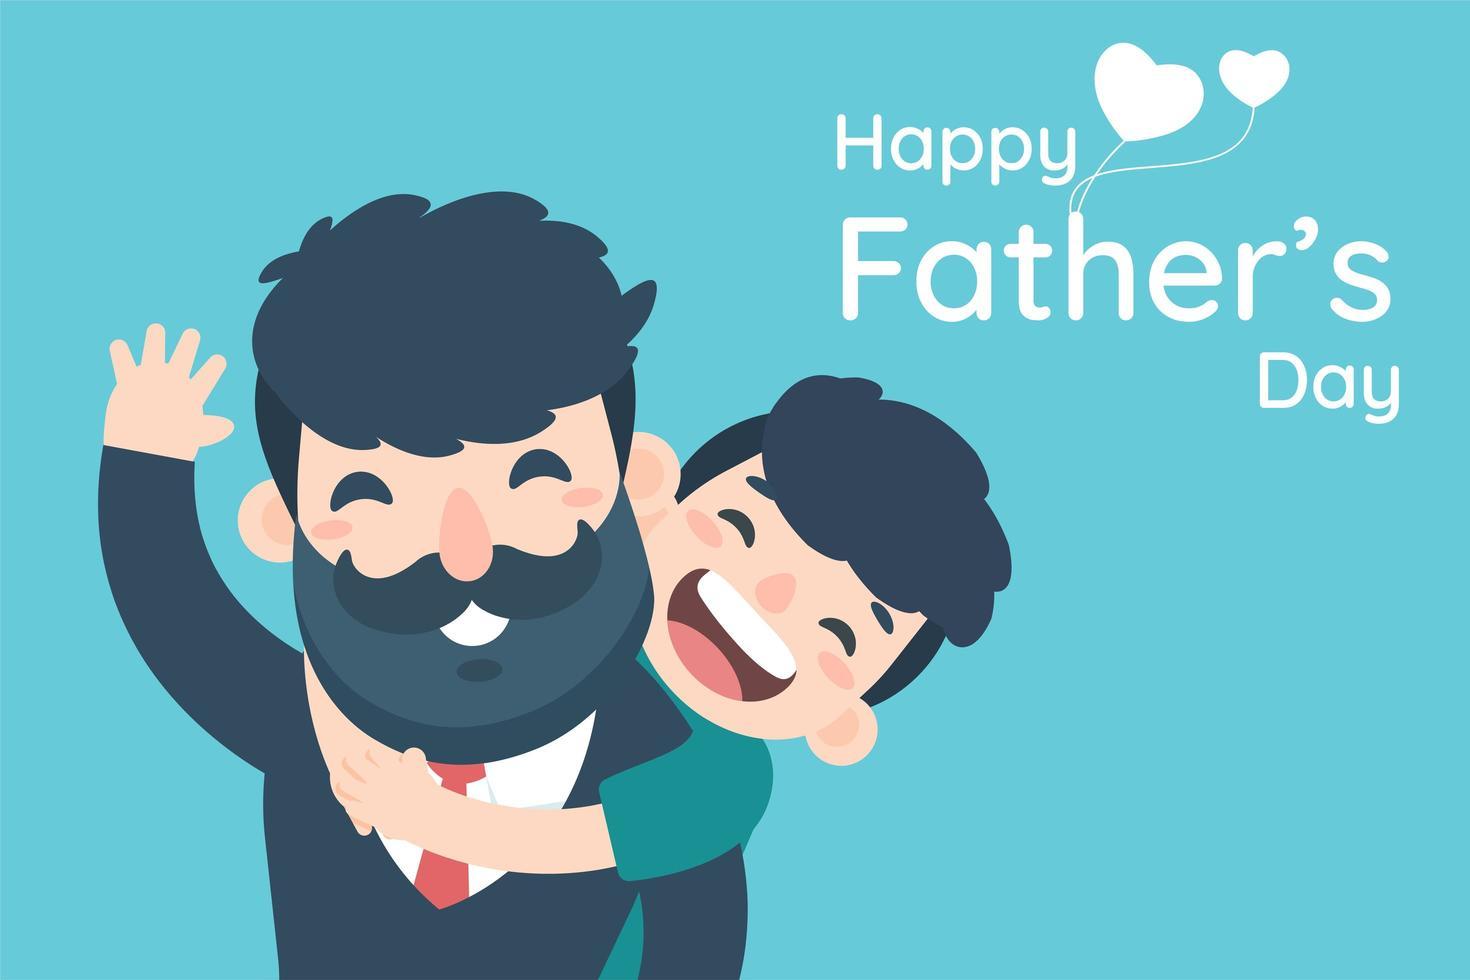 gelukkige vaderdag met jongen knuffelen vader van achteren vector